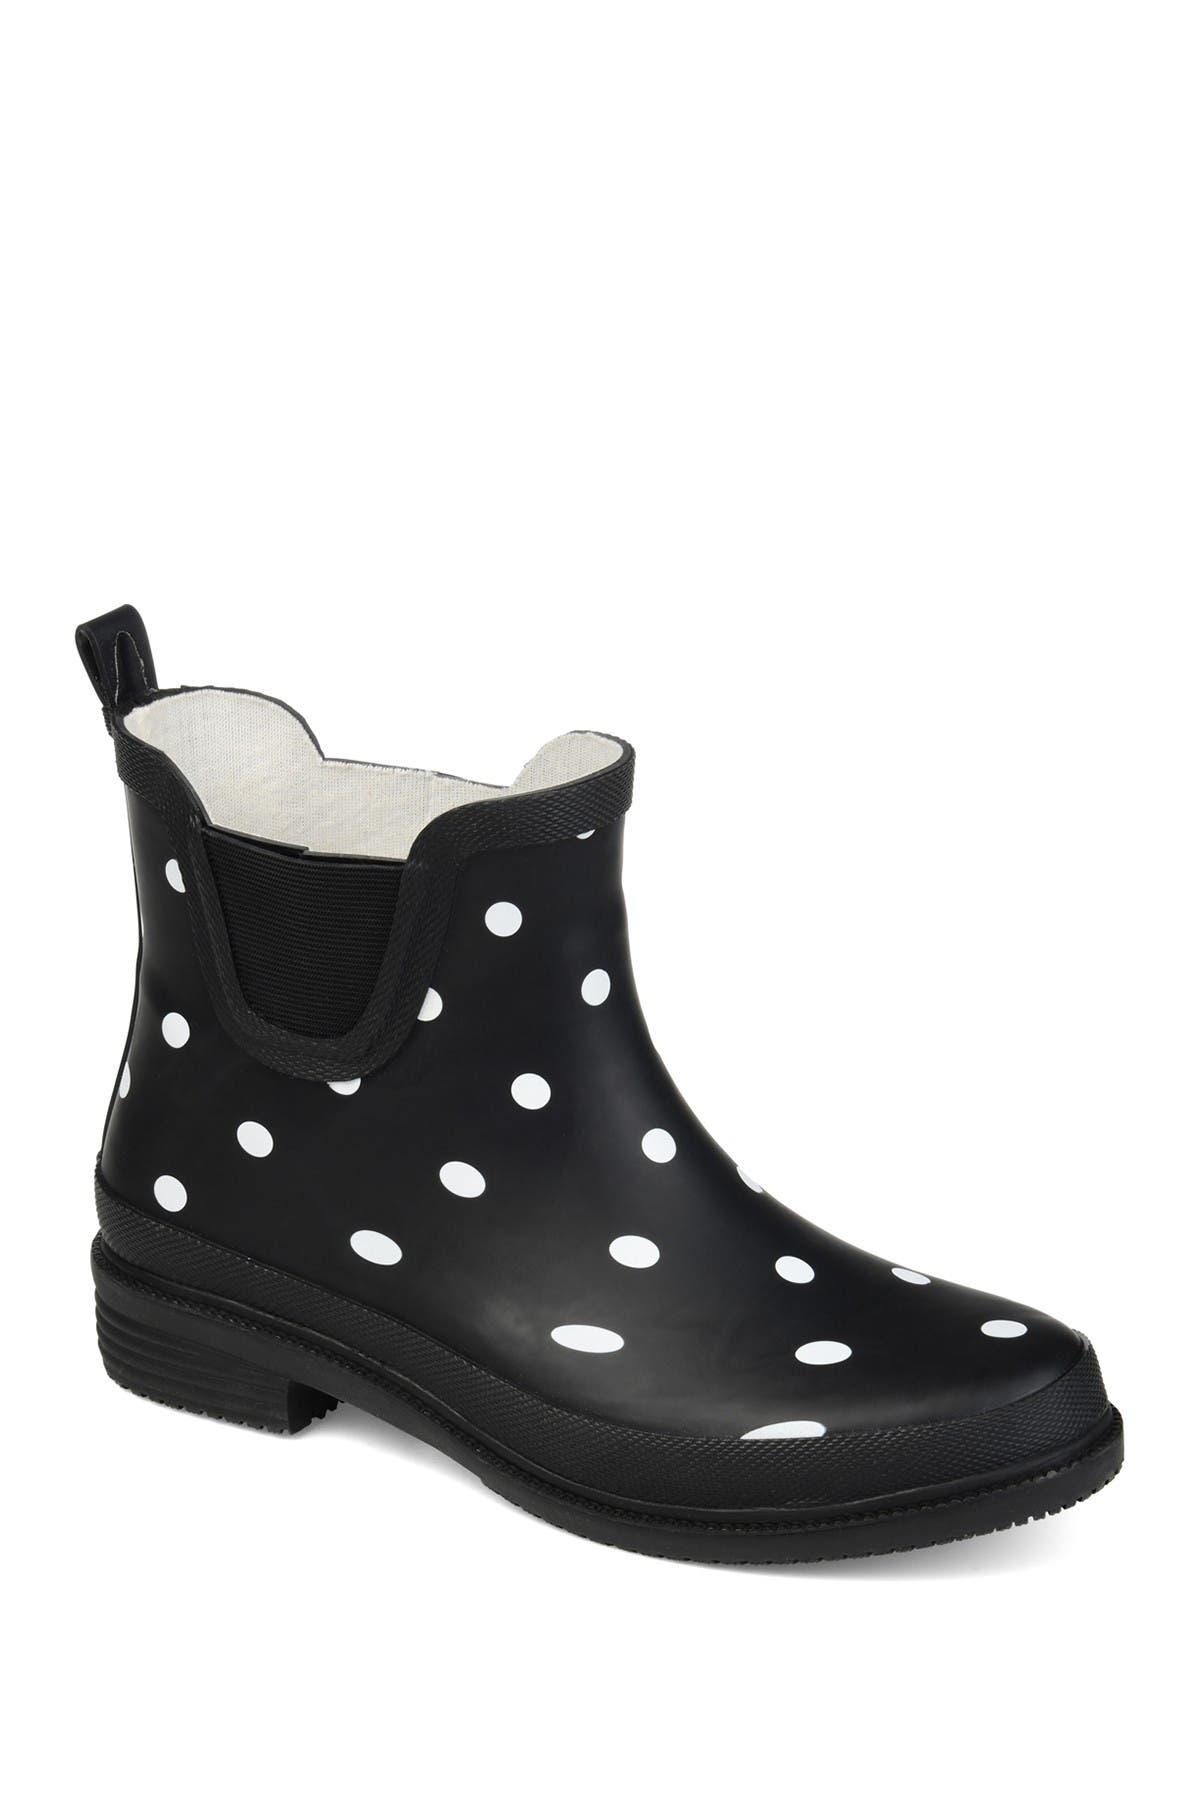 Image of JOURNEE Collection Tekoa Rain Boot